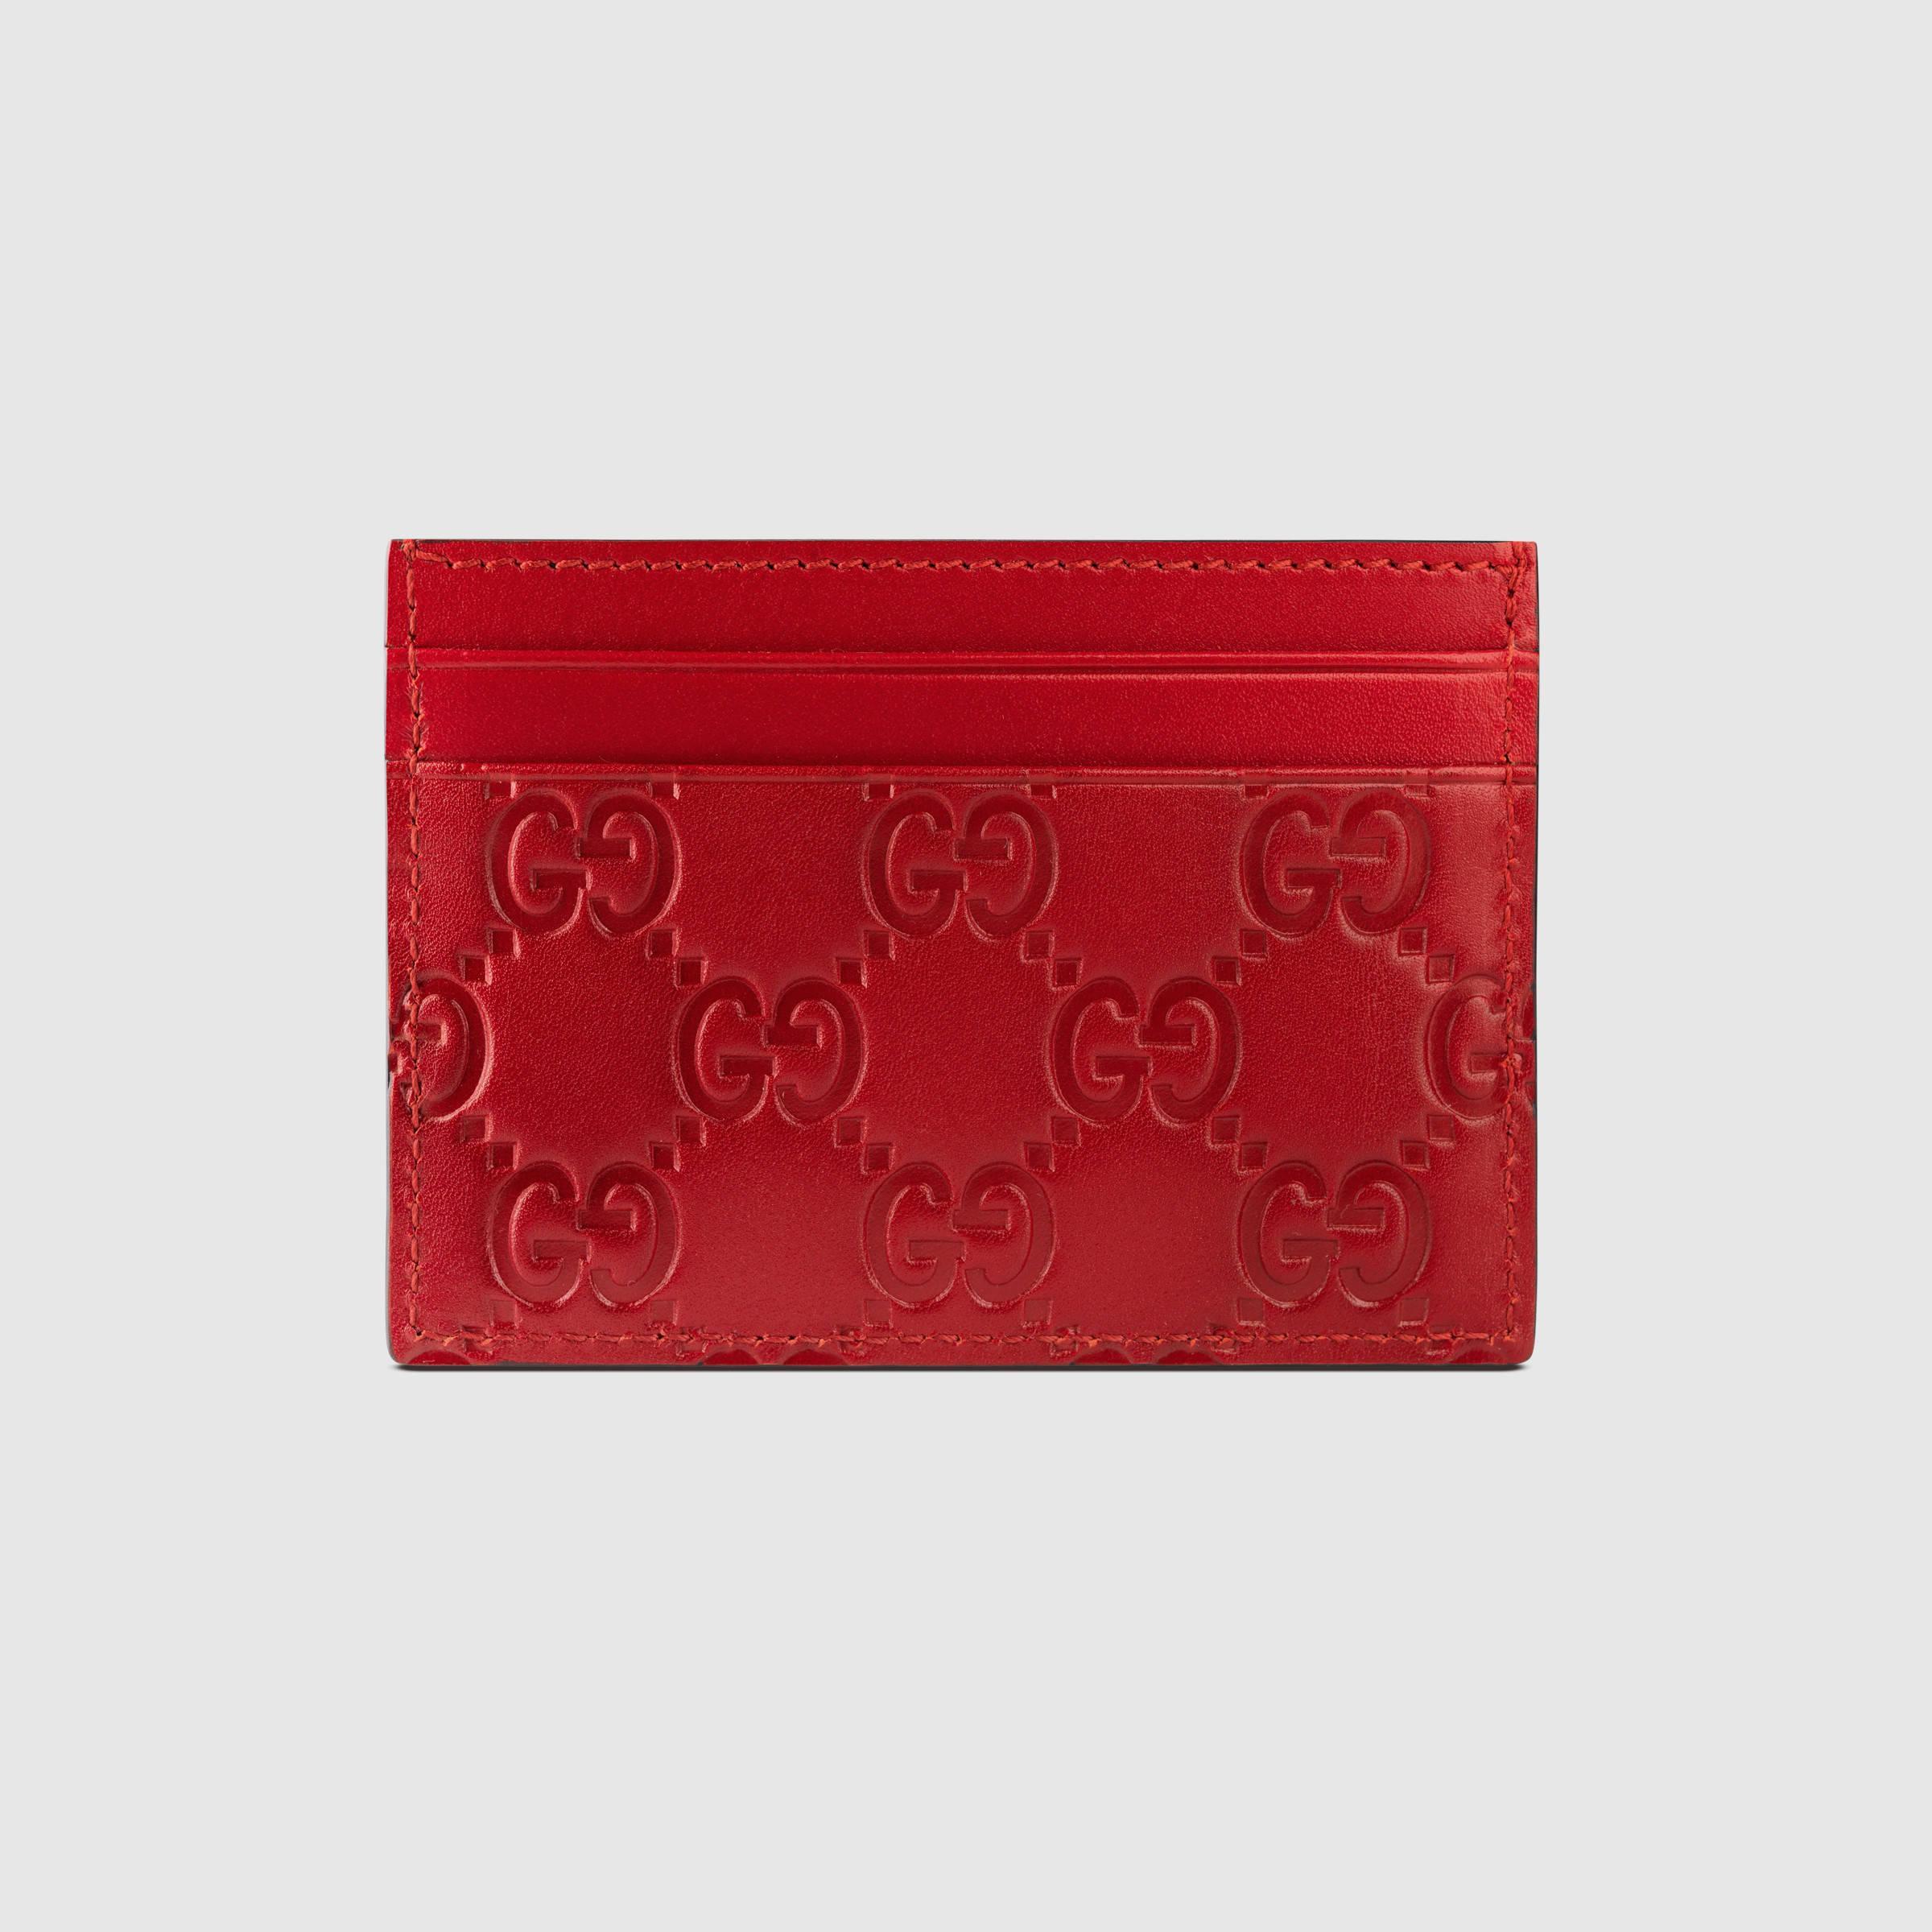 info for ae981 dfa61 Gucci Multicolor Signature Leather Card Case for men